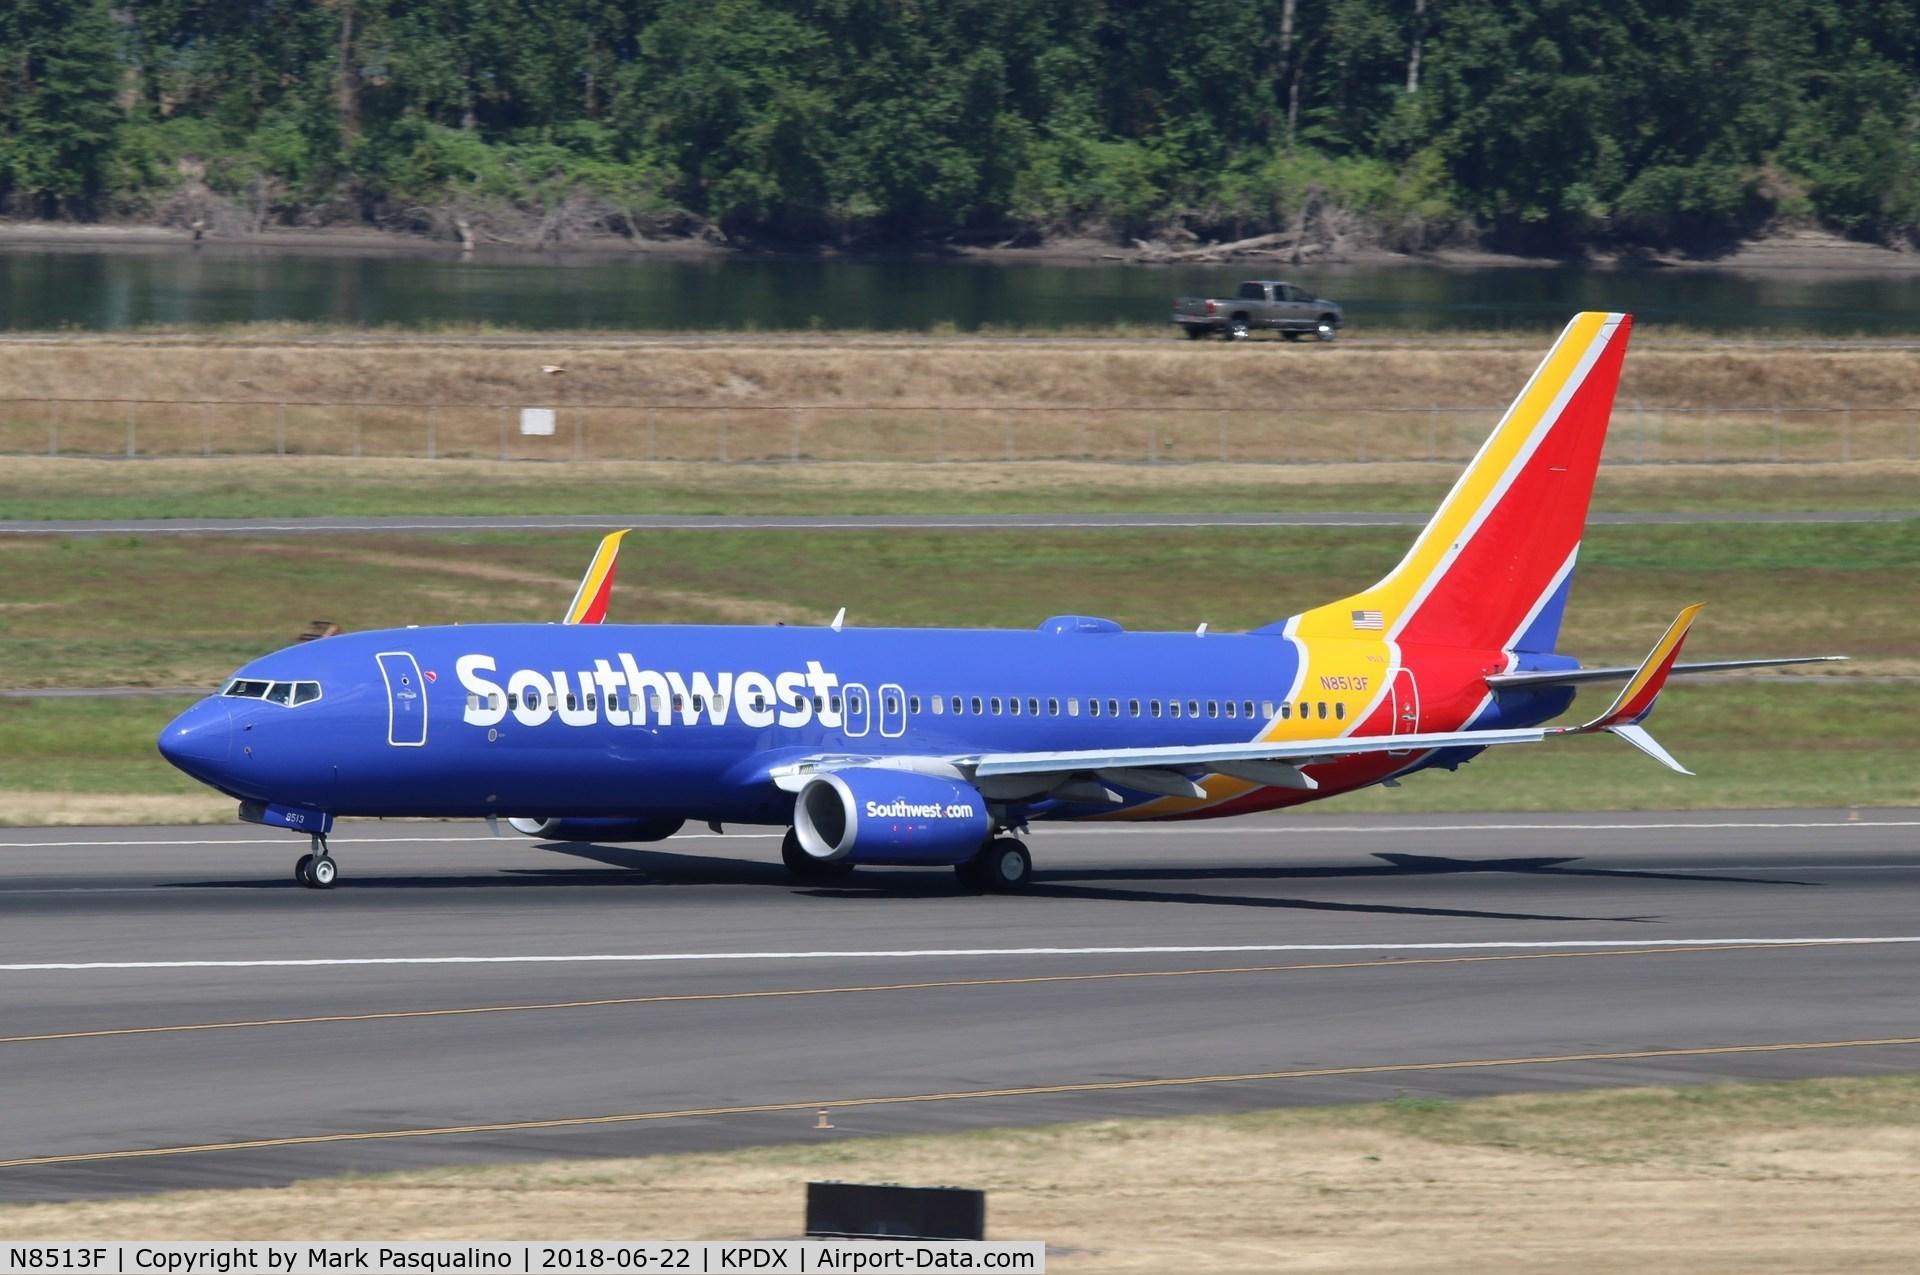 N8513F, 2016 Boeing 737-8H4 C/N 36976, Boeing 737-800